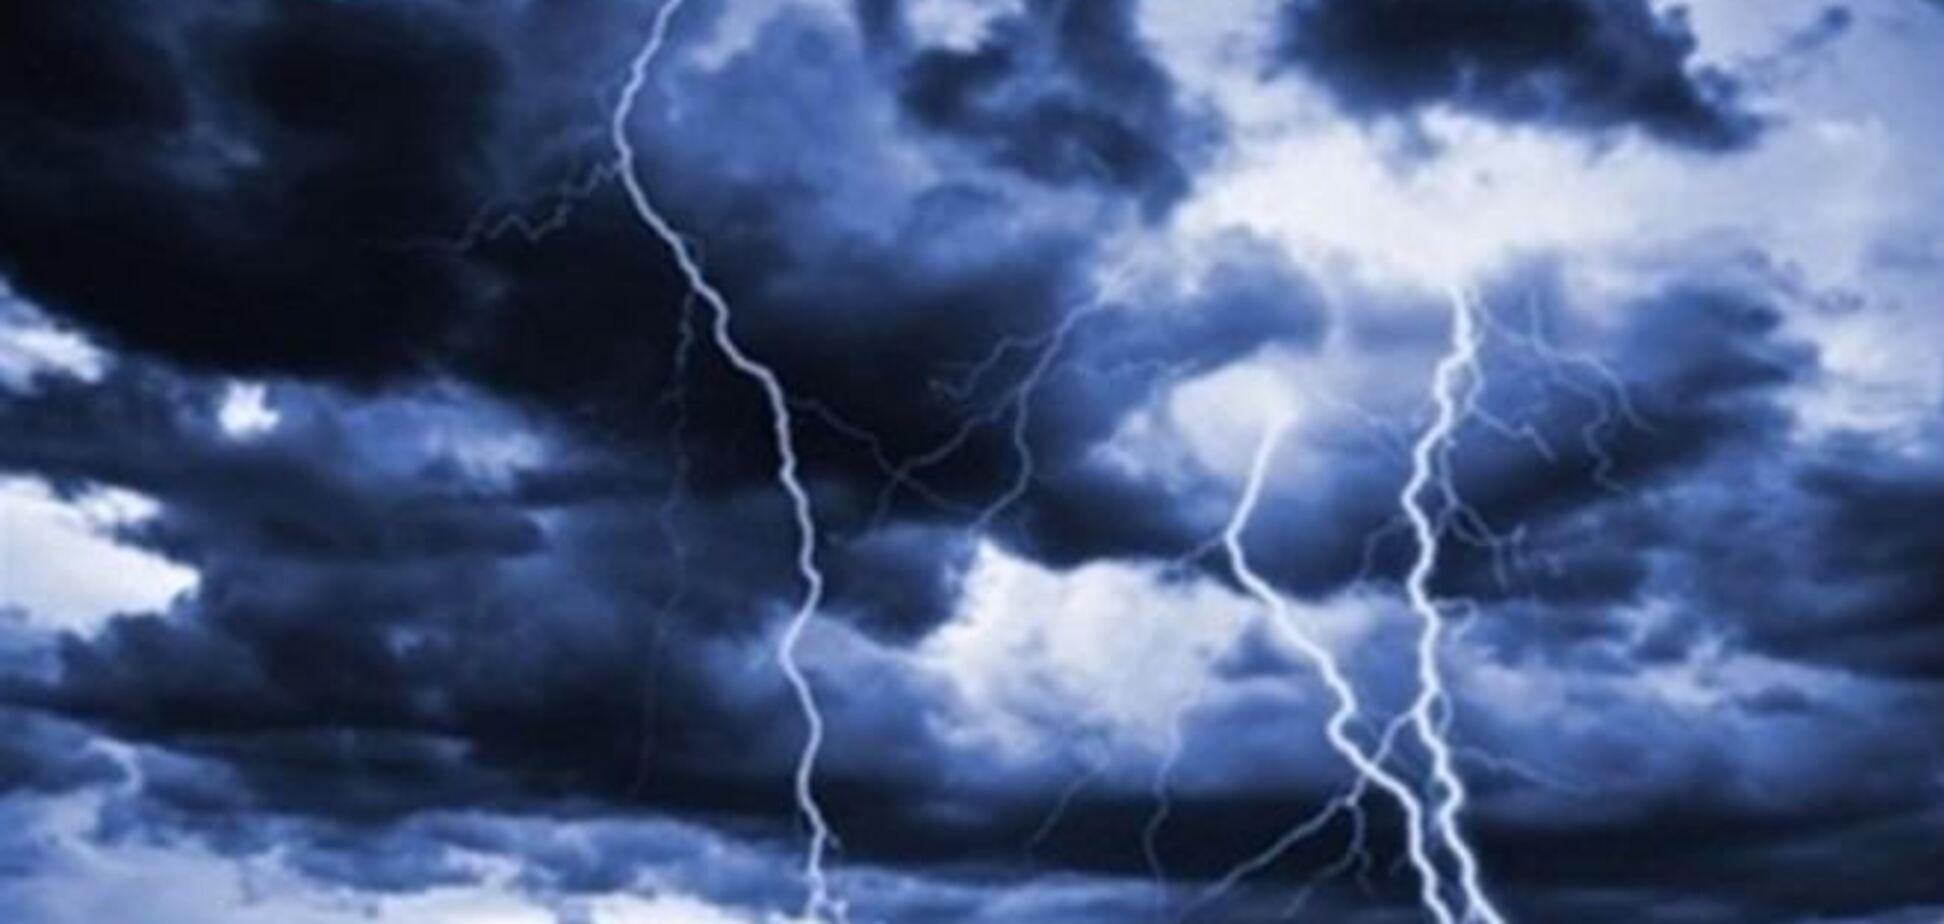 Непогода обесточила 20 населенных пунктов на юге Украины